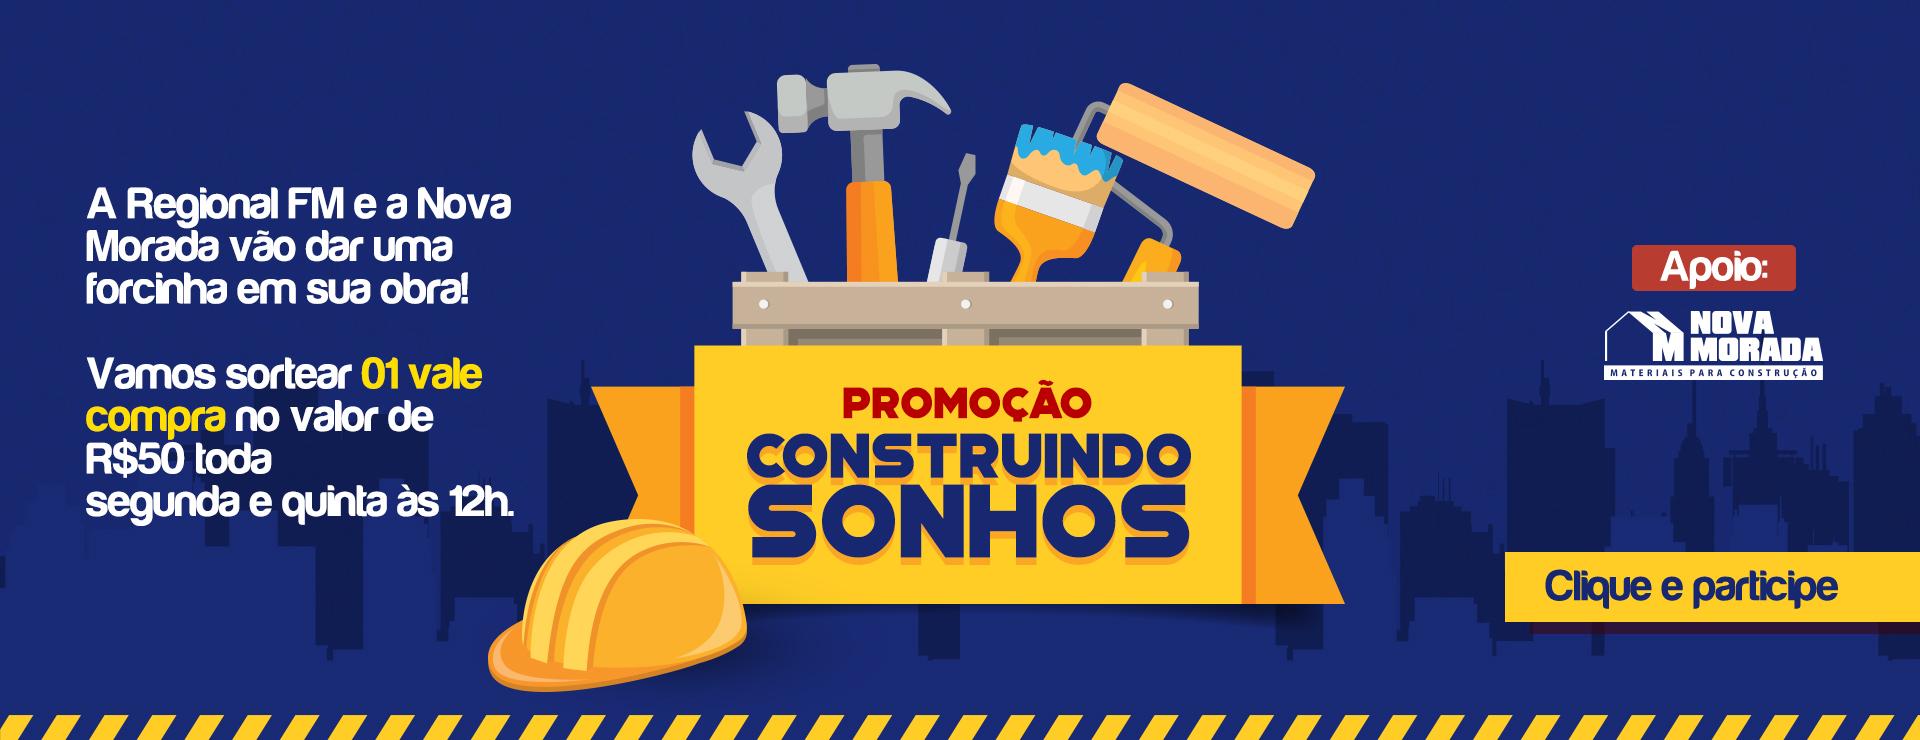 PROMOÇÃO CONSTRUINDO SONHOS